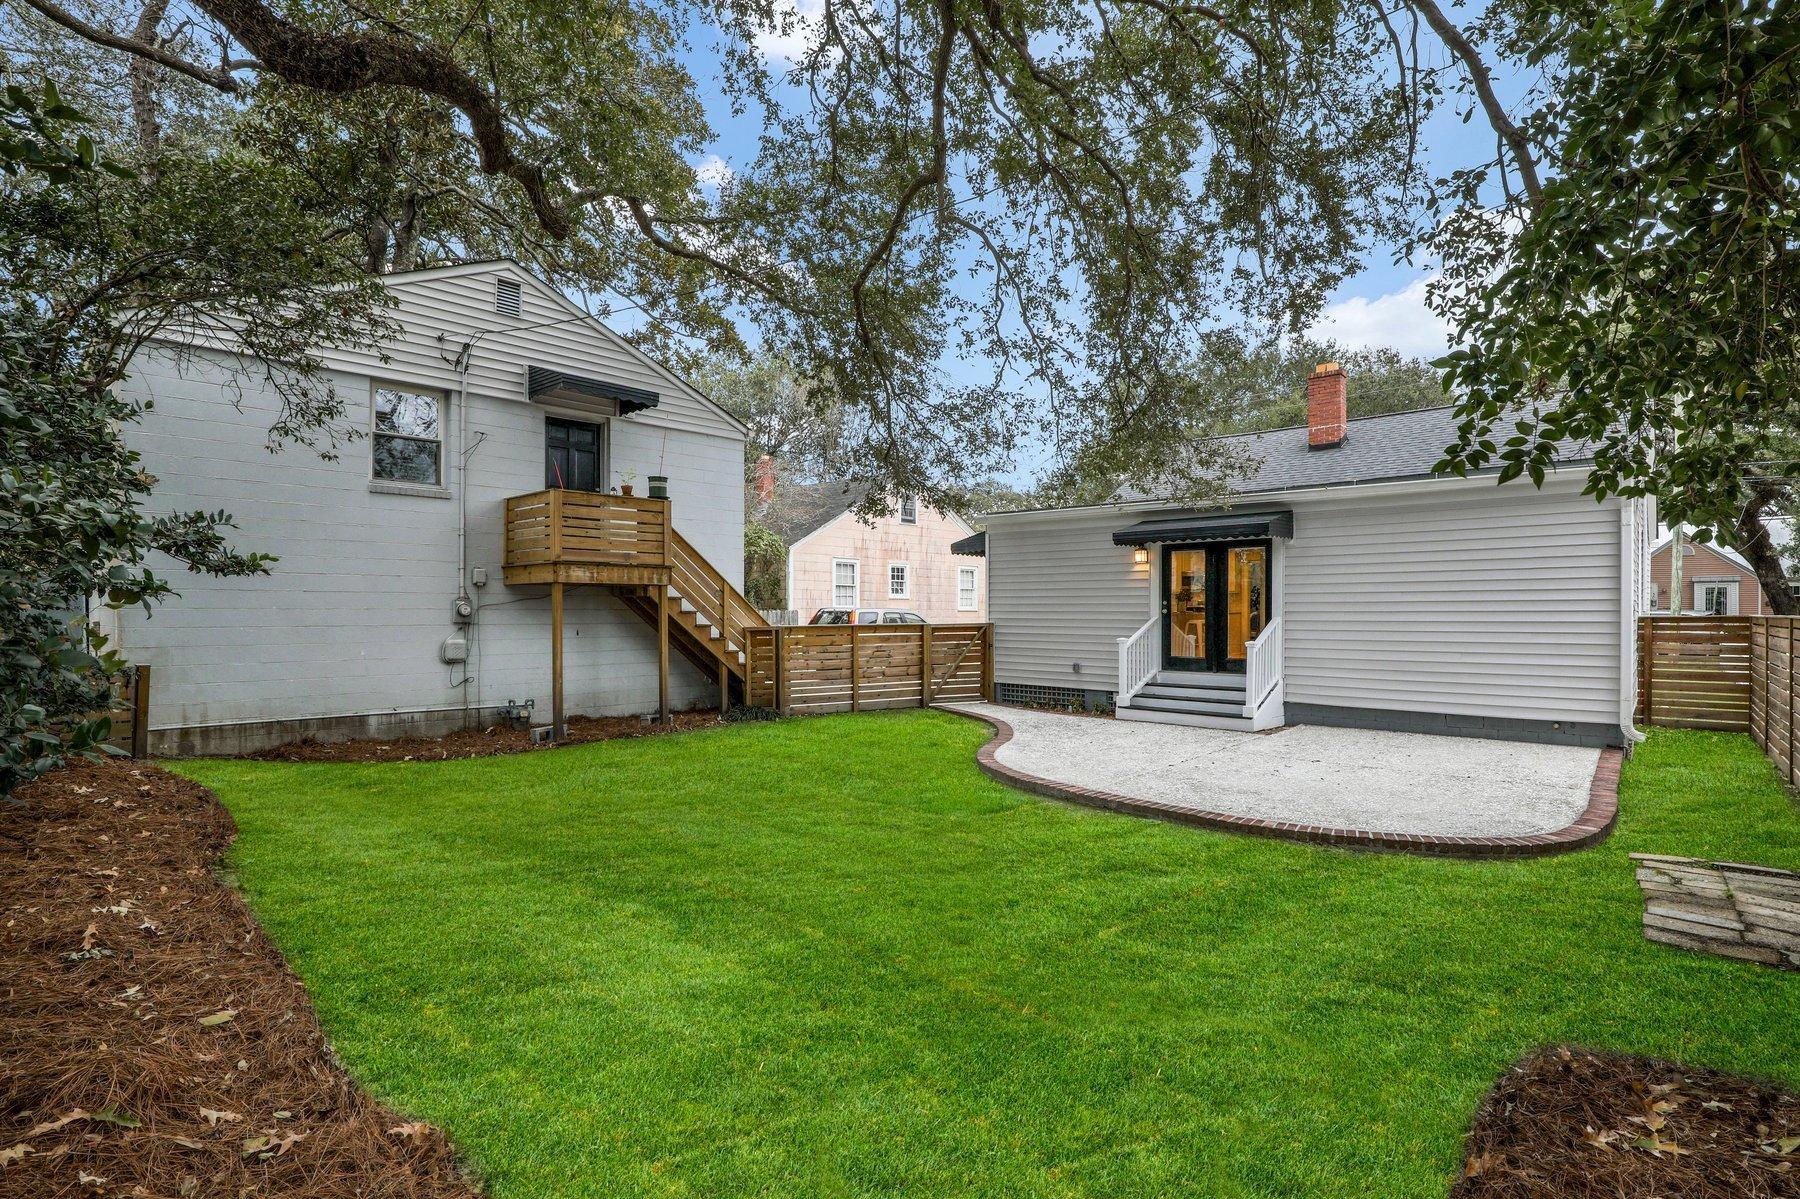 Avondale Homes For Sale - 57 Avondale, Charleston, SC - 4